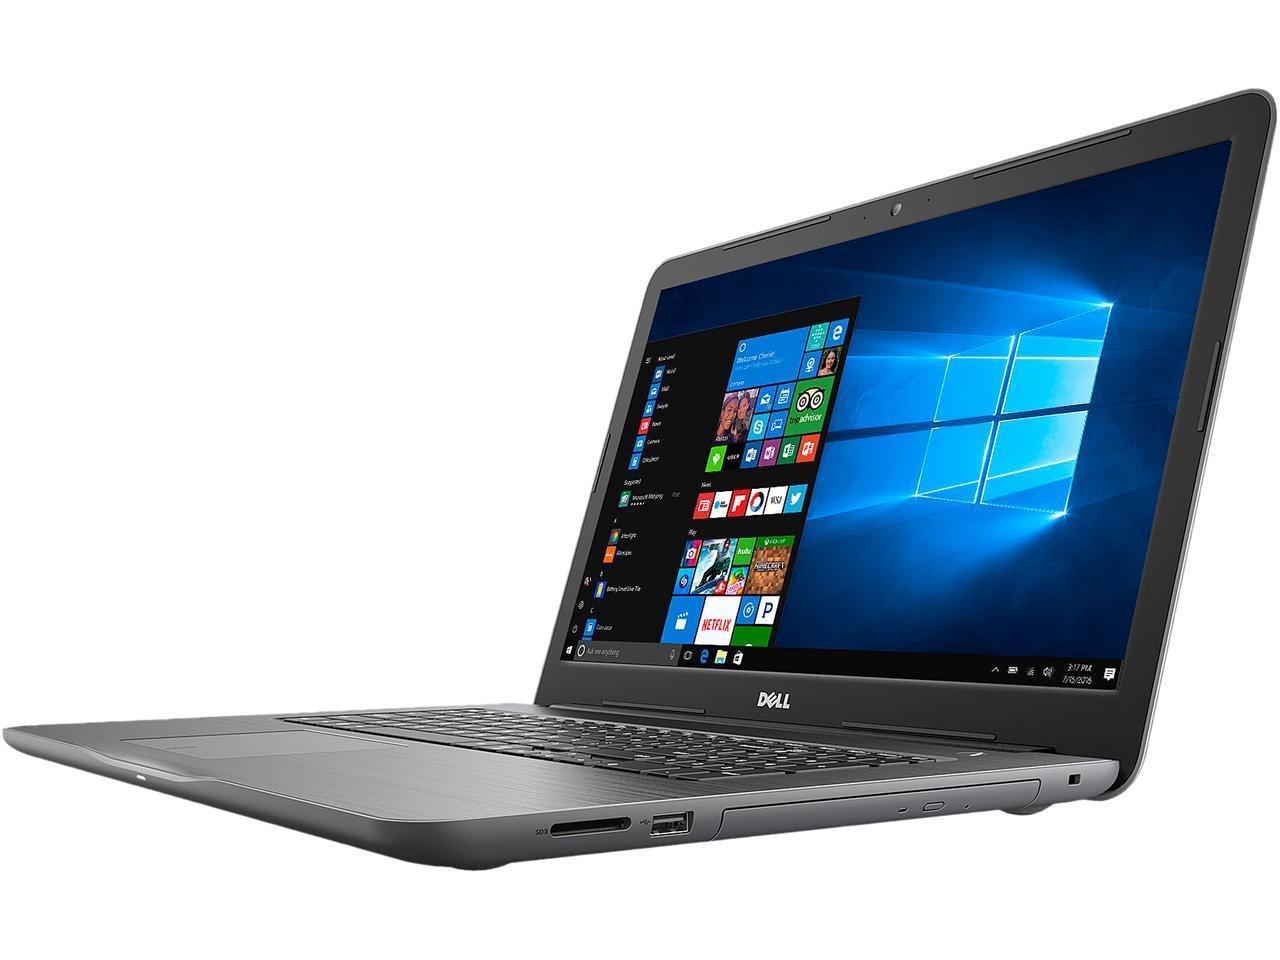 2018 Dell Inspiron 5000 17.3-inch HD+ Laptop PC, Intel Dual Core i5-7200U, 8GB DDR4 RAM, 1TB HDD, 802.11ac, Bluetooth, DVD Writer, Backlit Keyboard, Windows 10